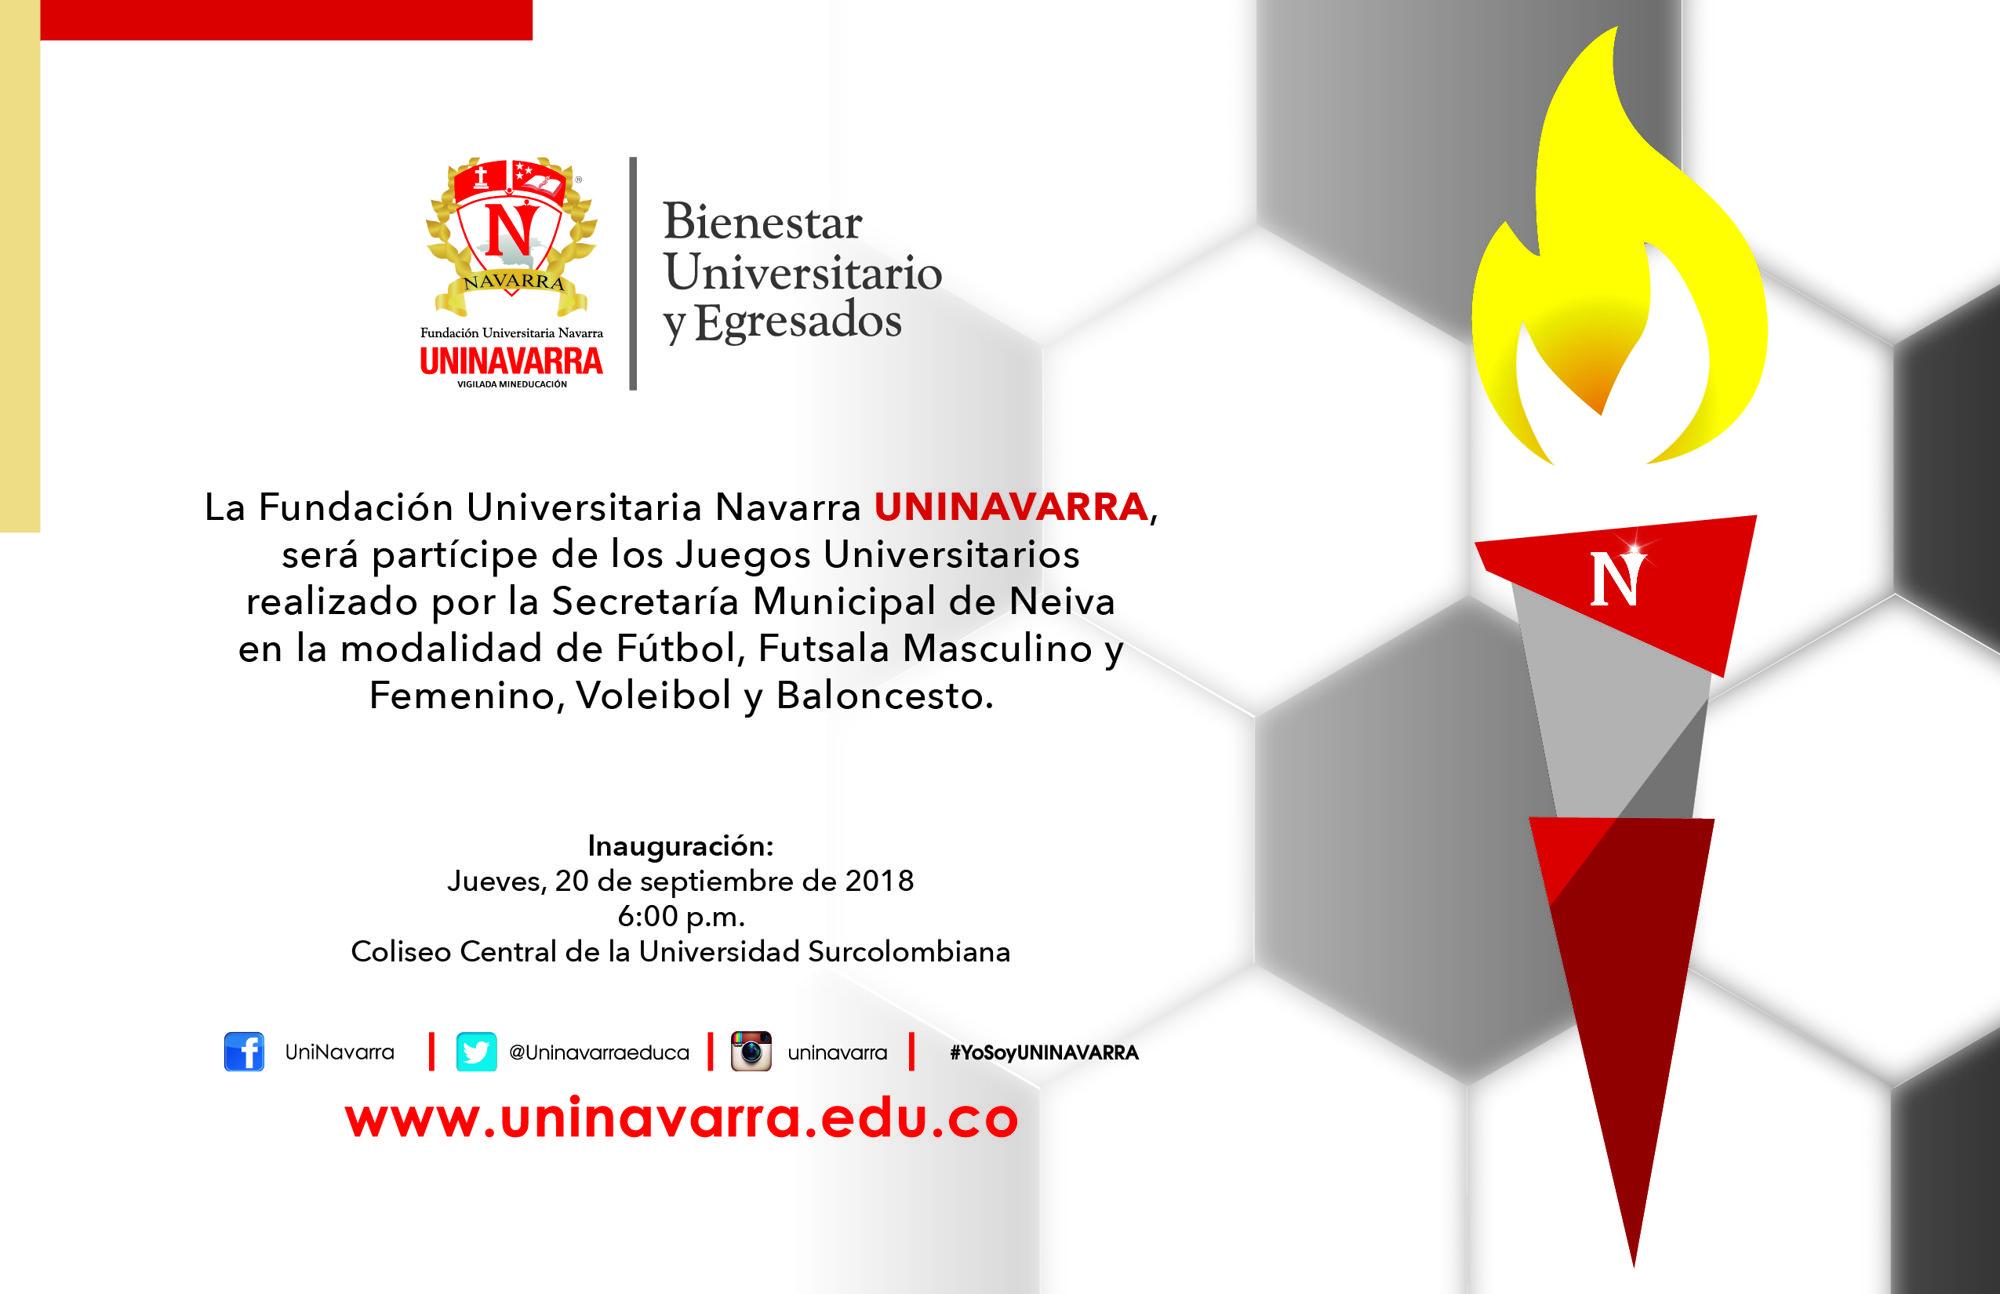 Participacion De Los Juegos Universitarios 2018 Uninavarra